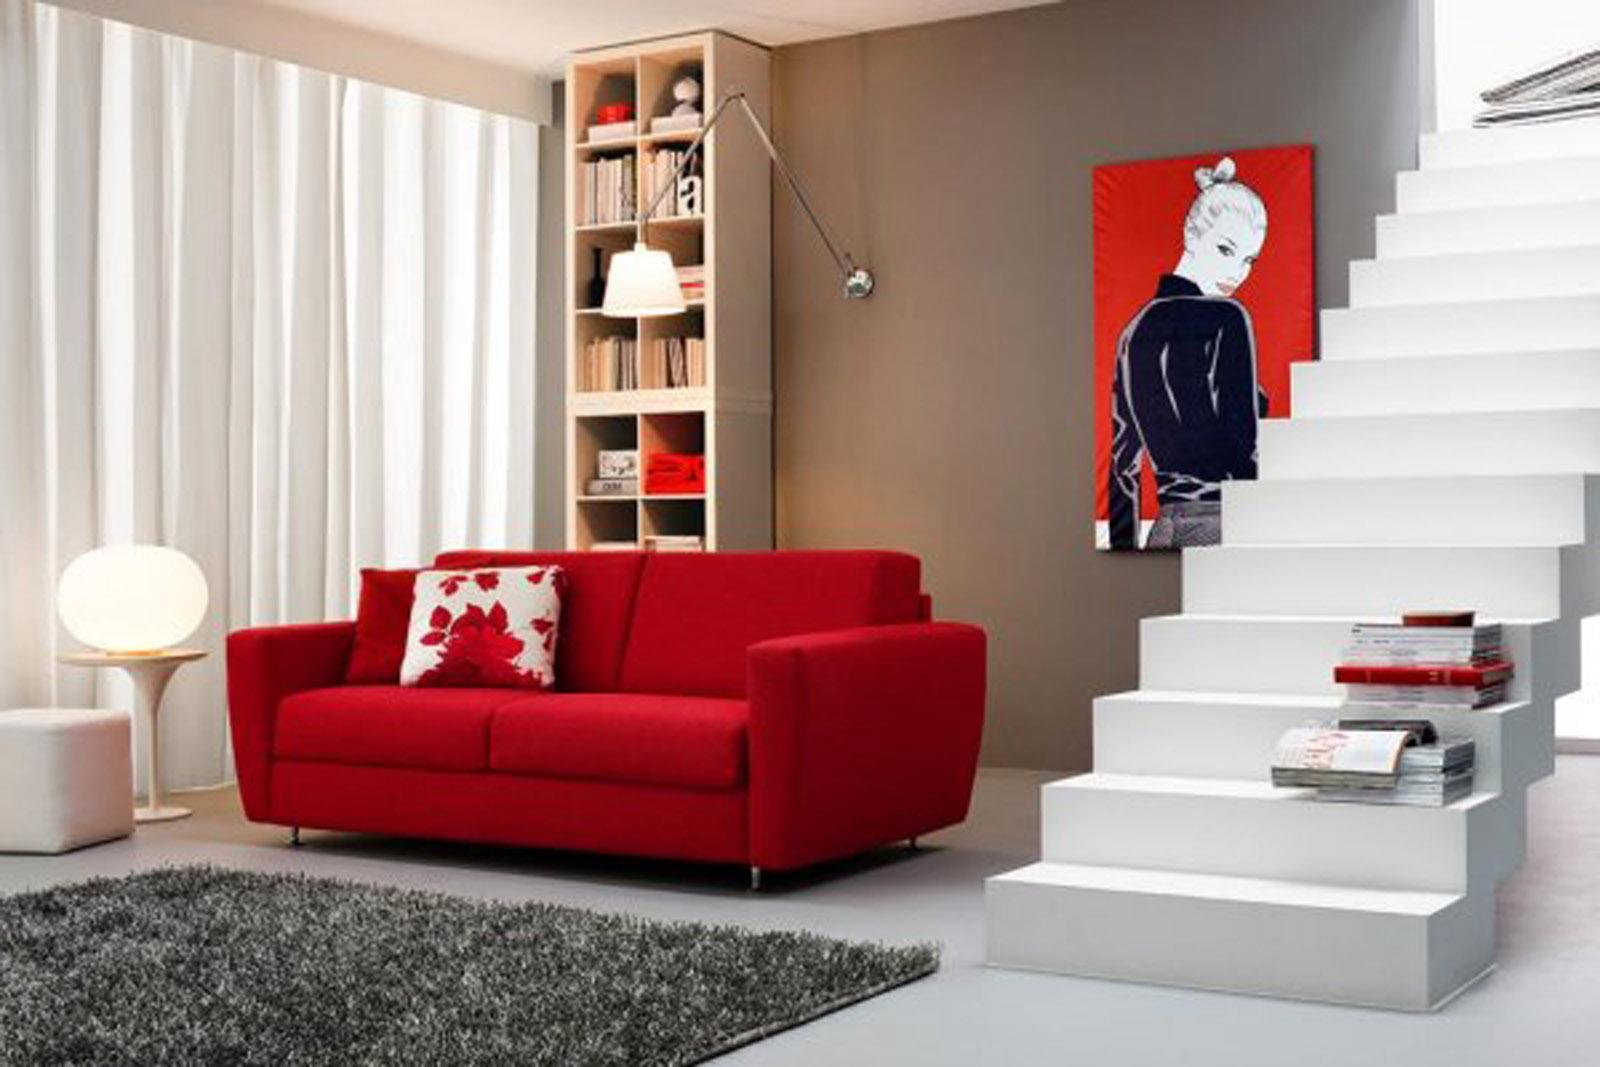 Awesome Poltrone Per Soggiorno Contemporary - Idee Arredamento Casa ...